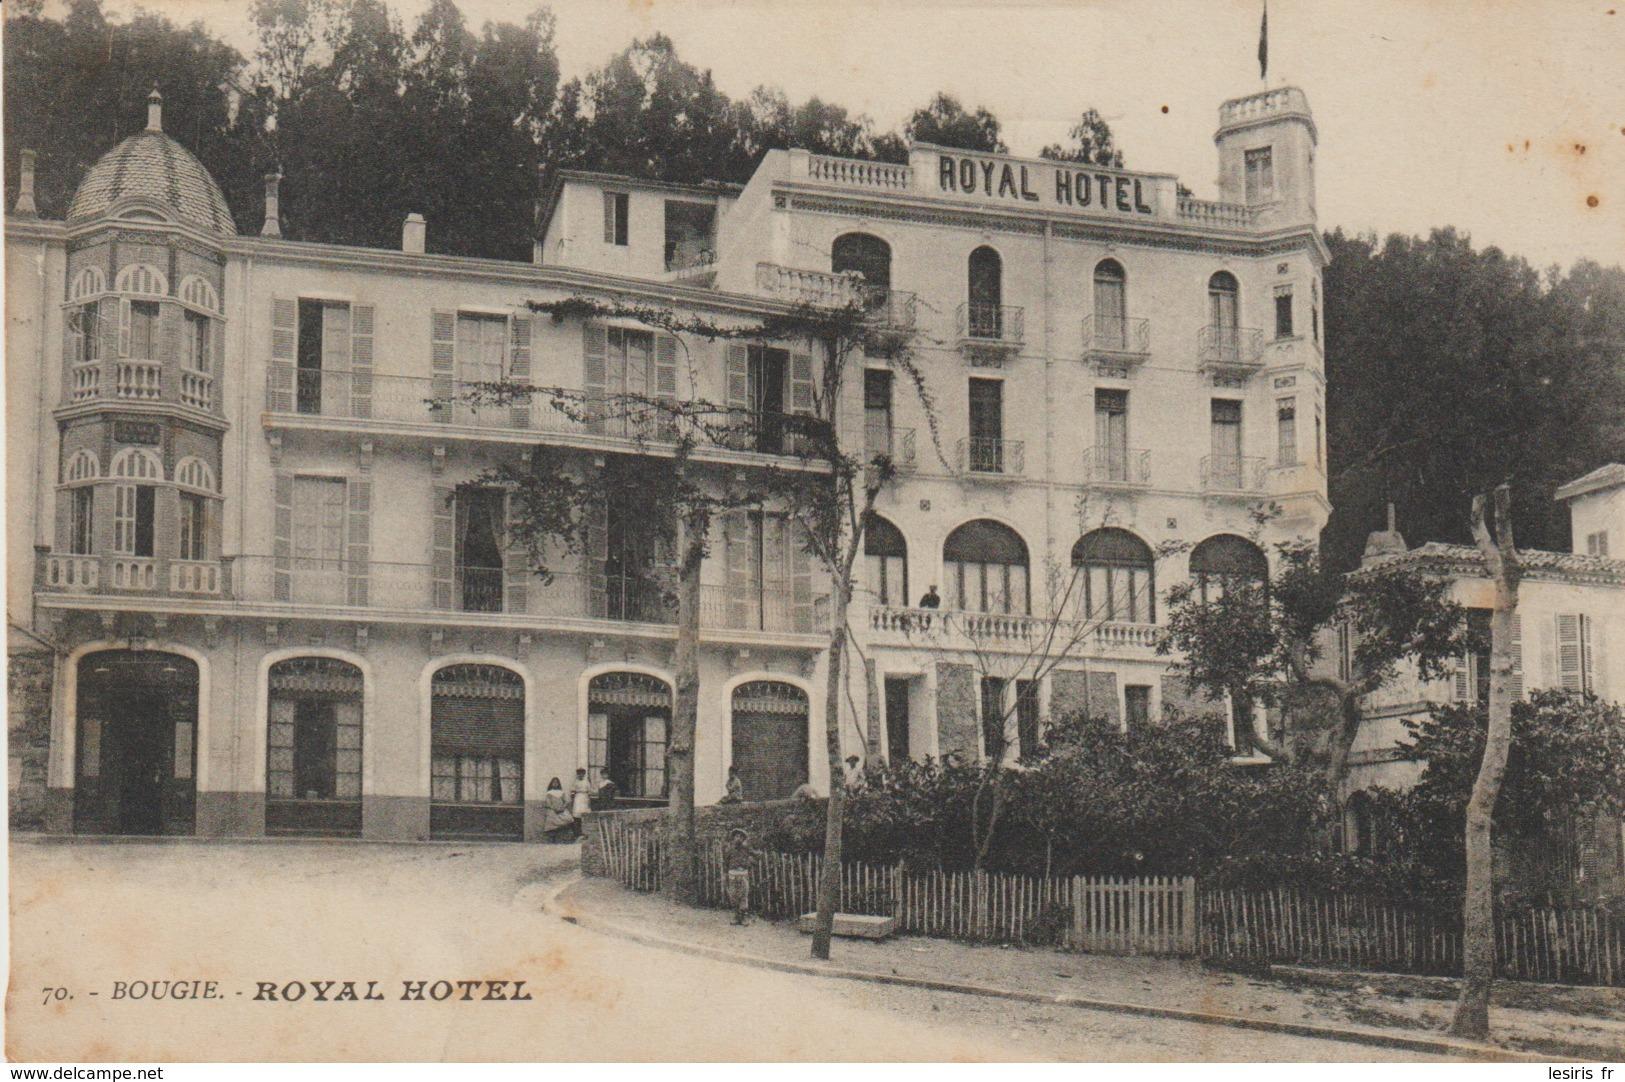 CPA -  BOUGIE - ROYAL HOTEL - 70 - A. CARAVANO - Otras Ciudades